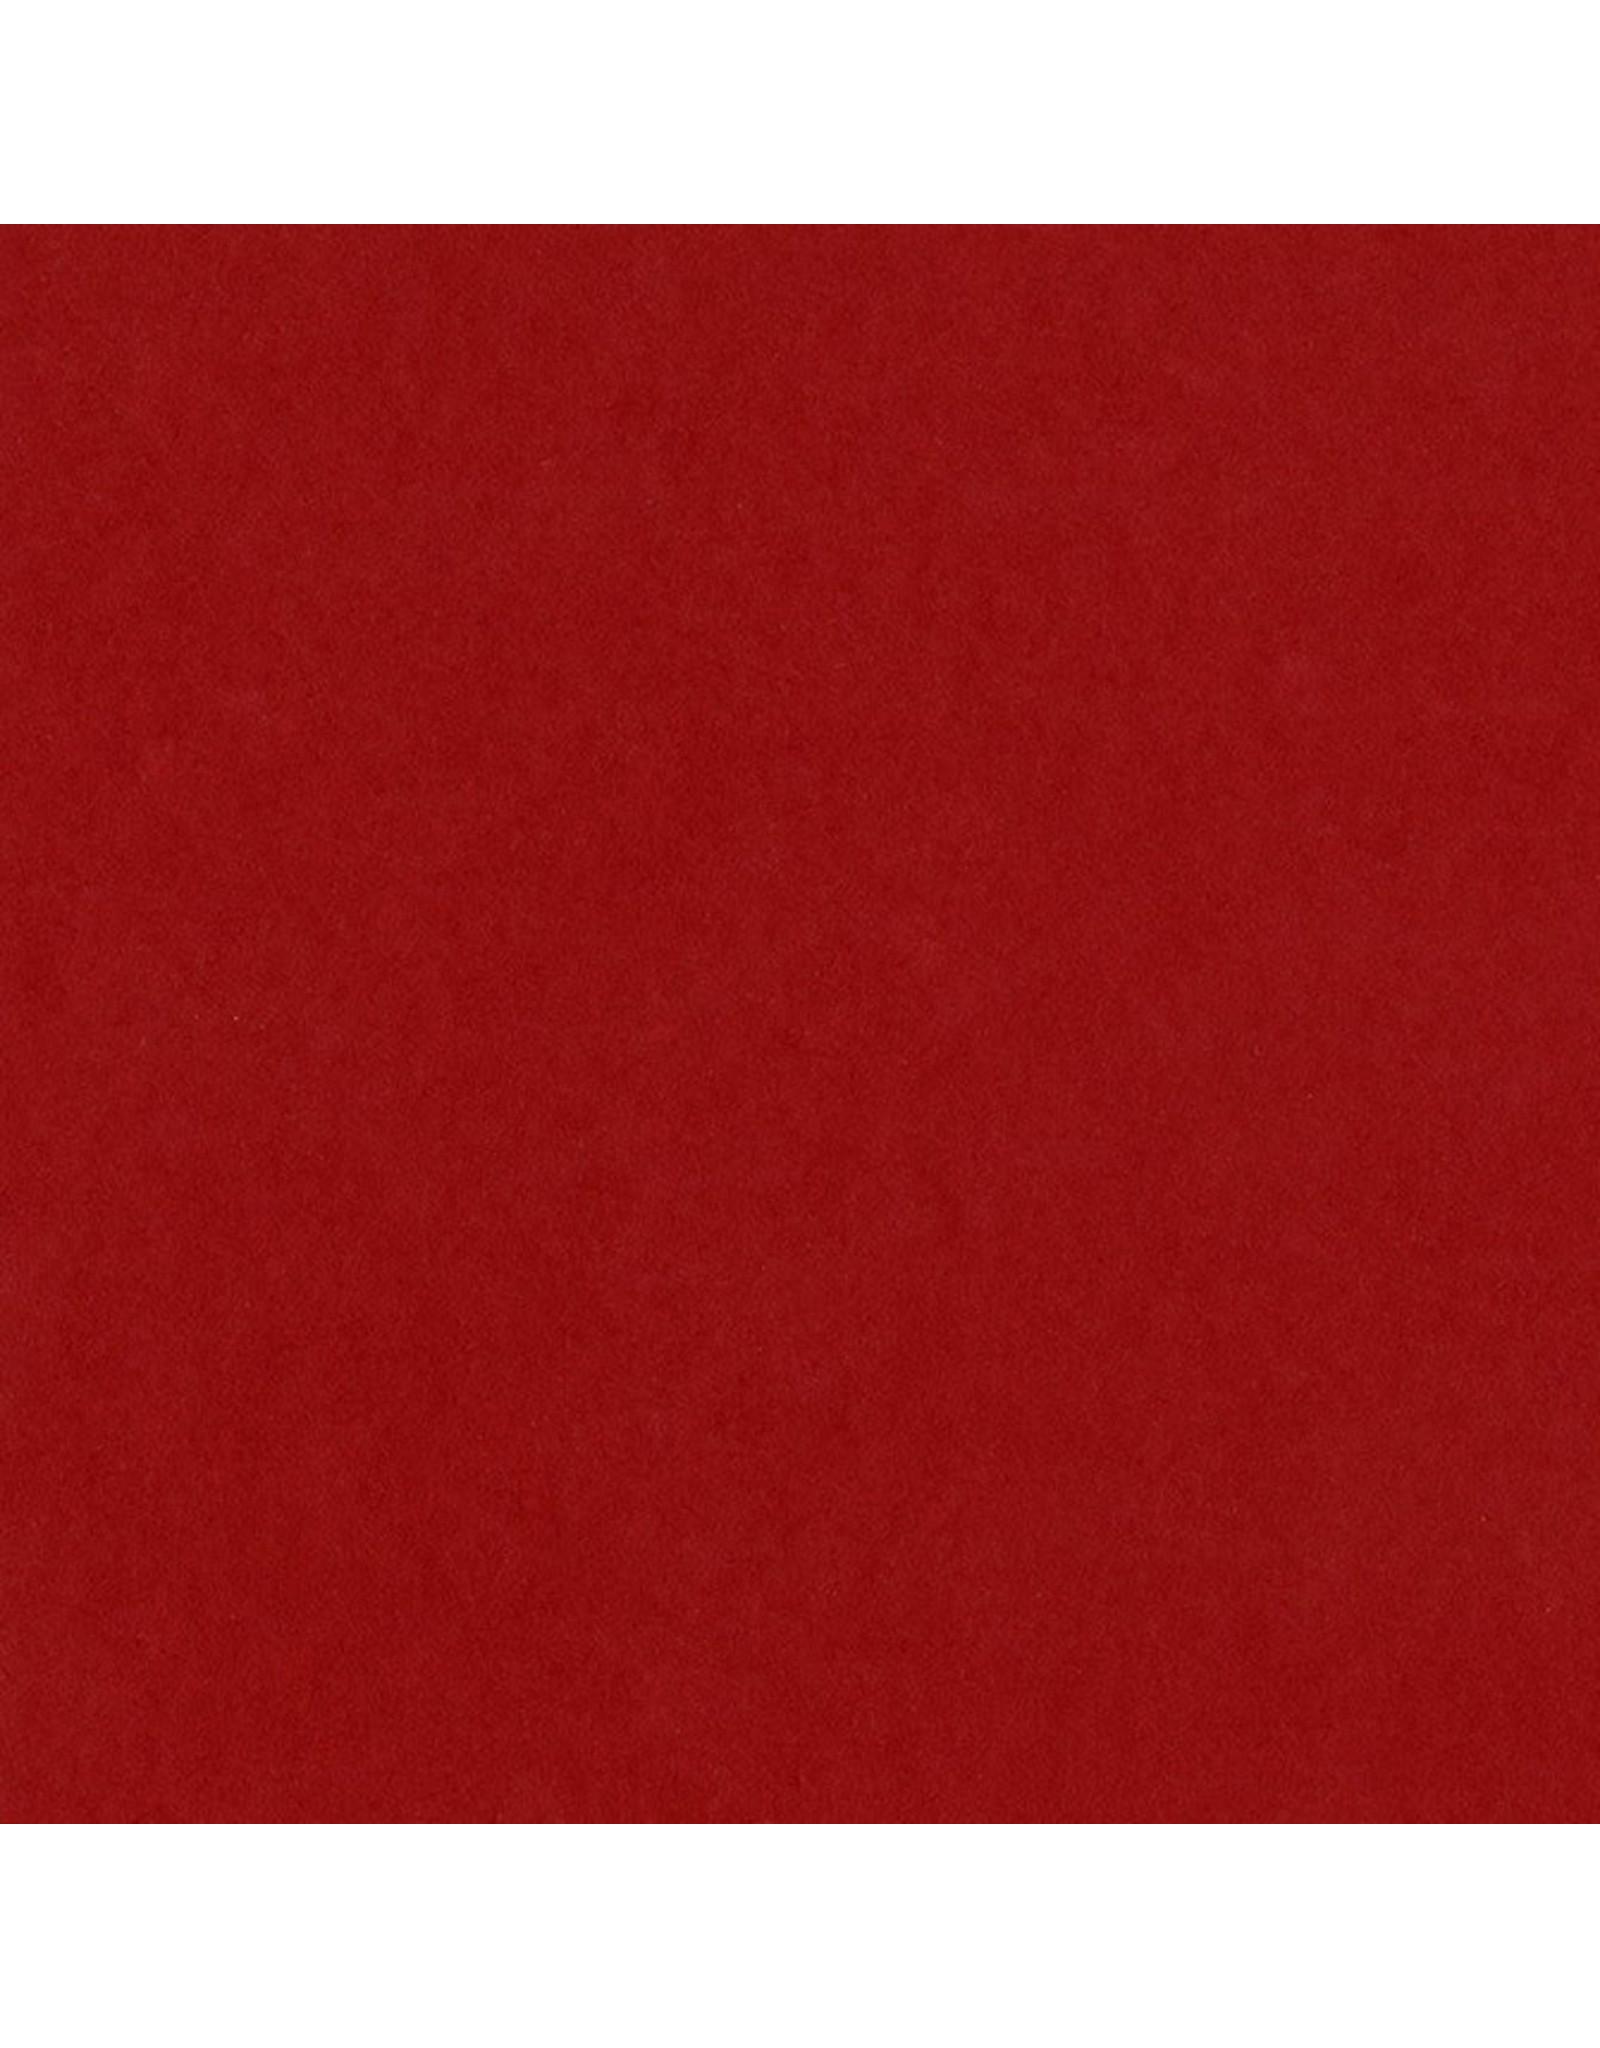 Bazzill Bazzill Card Shoppe 8.5x11 -  Peppermint